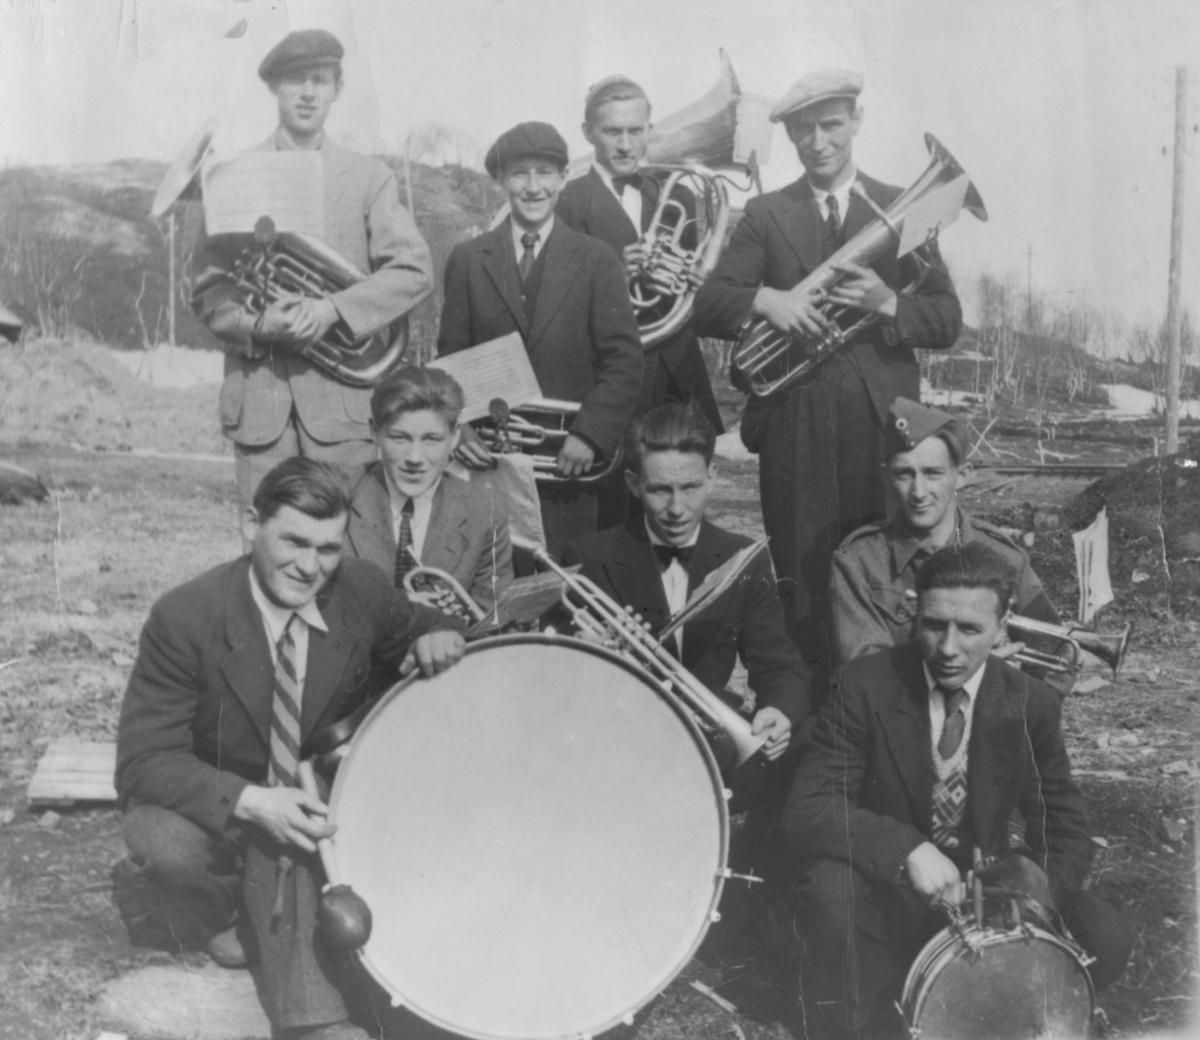 Ni unge menn med diverse messingblåsere og trommer. De er kledt i dress, og utgjør tydeligvis et band. Ingen navn er oppgitt.